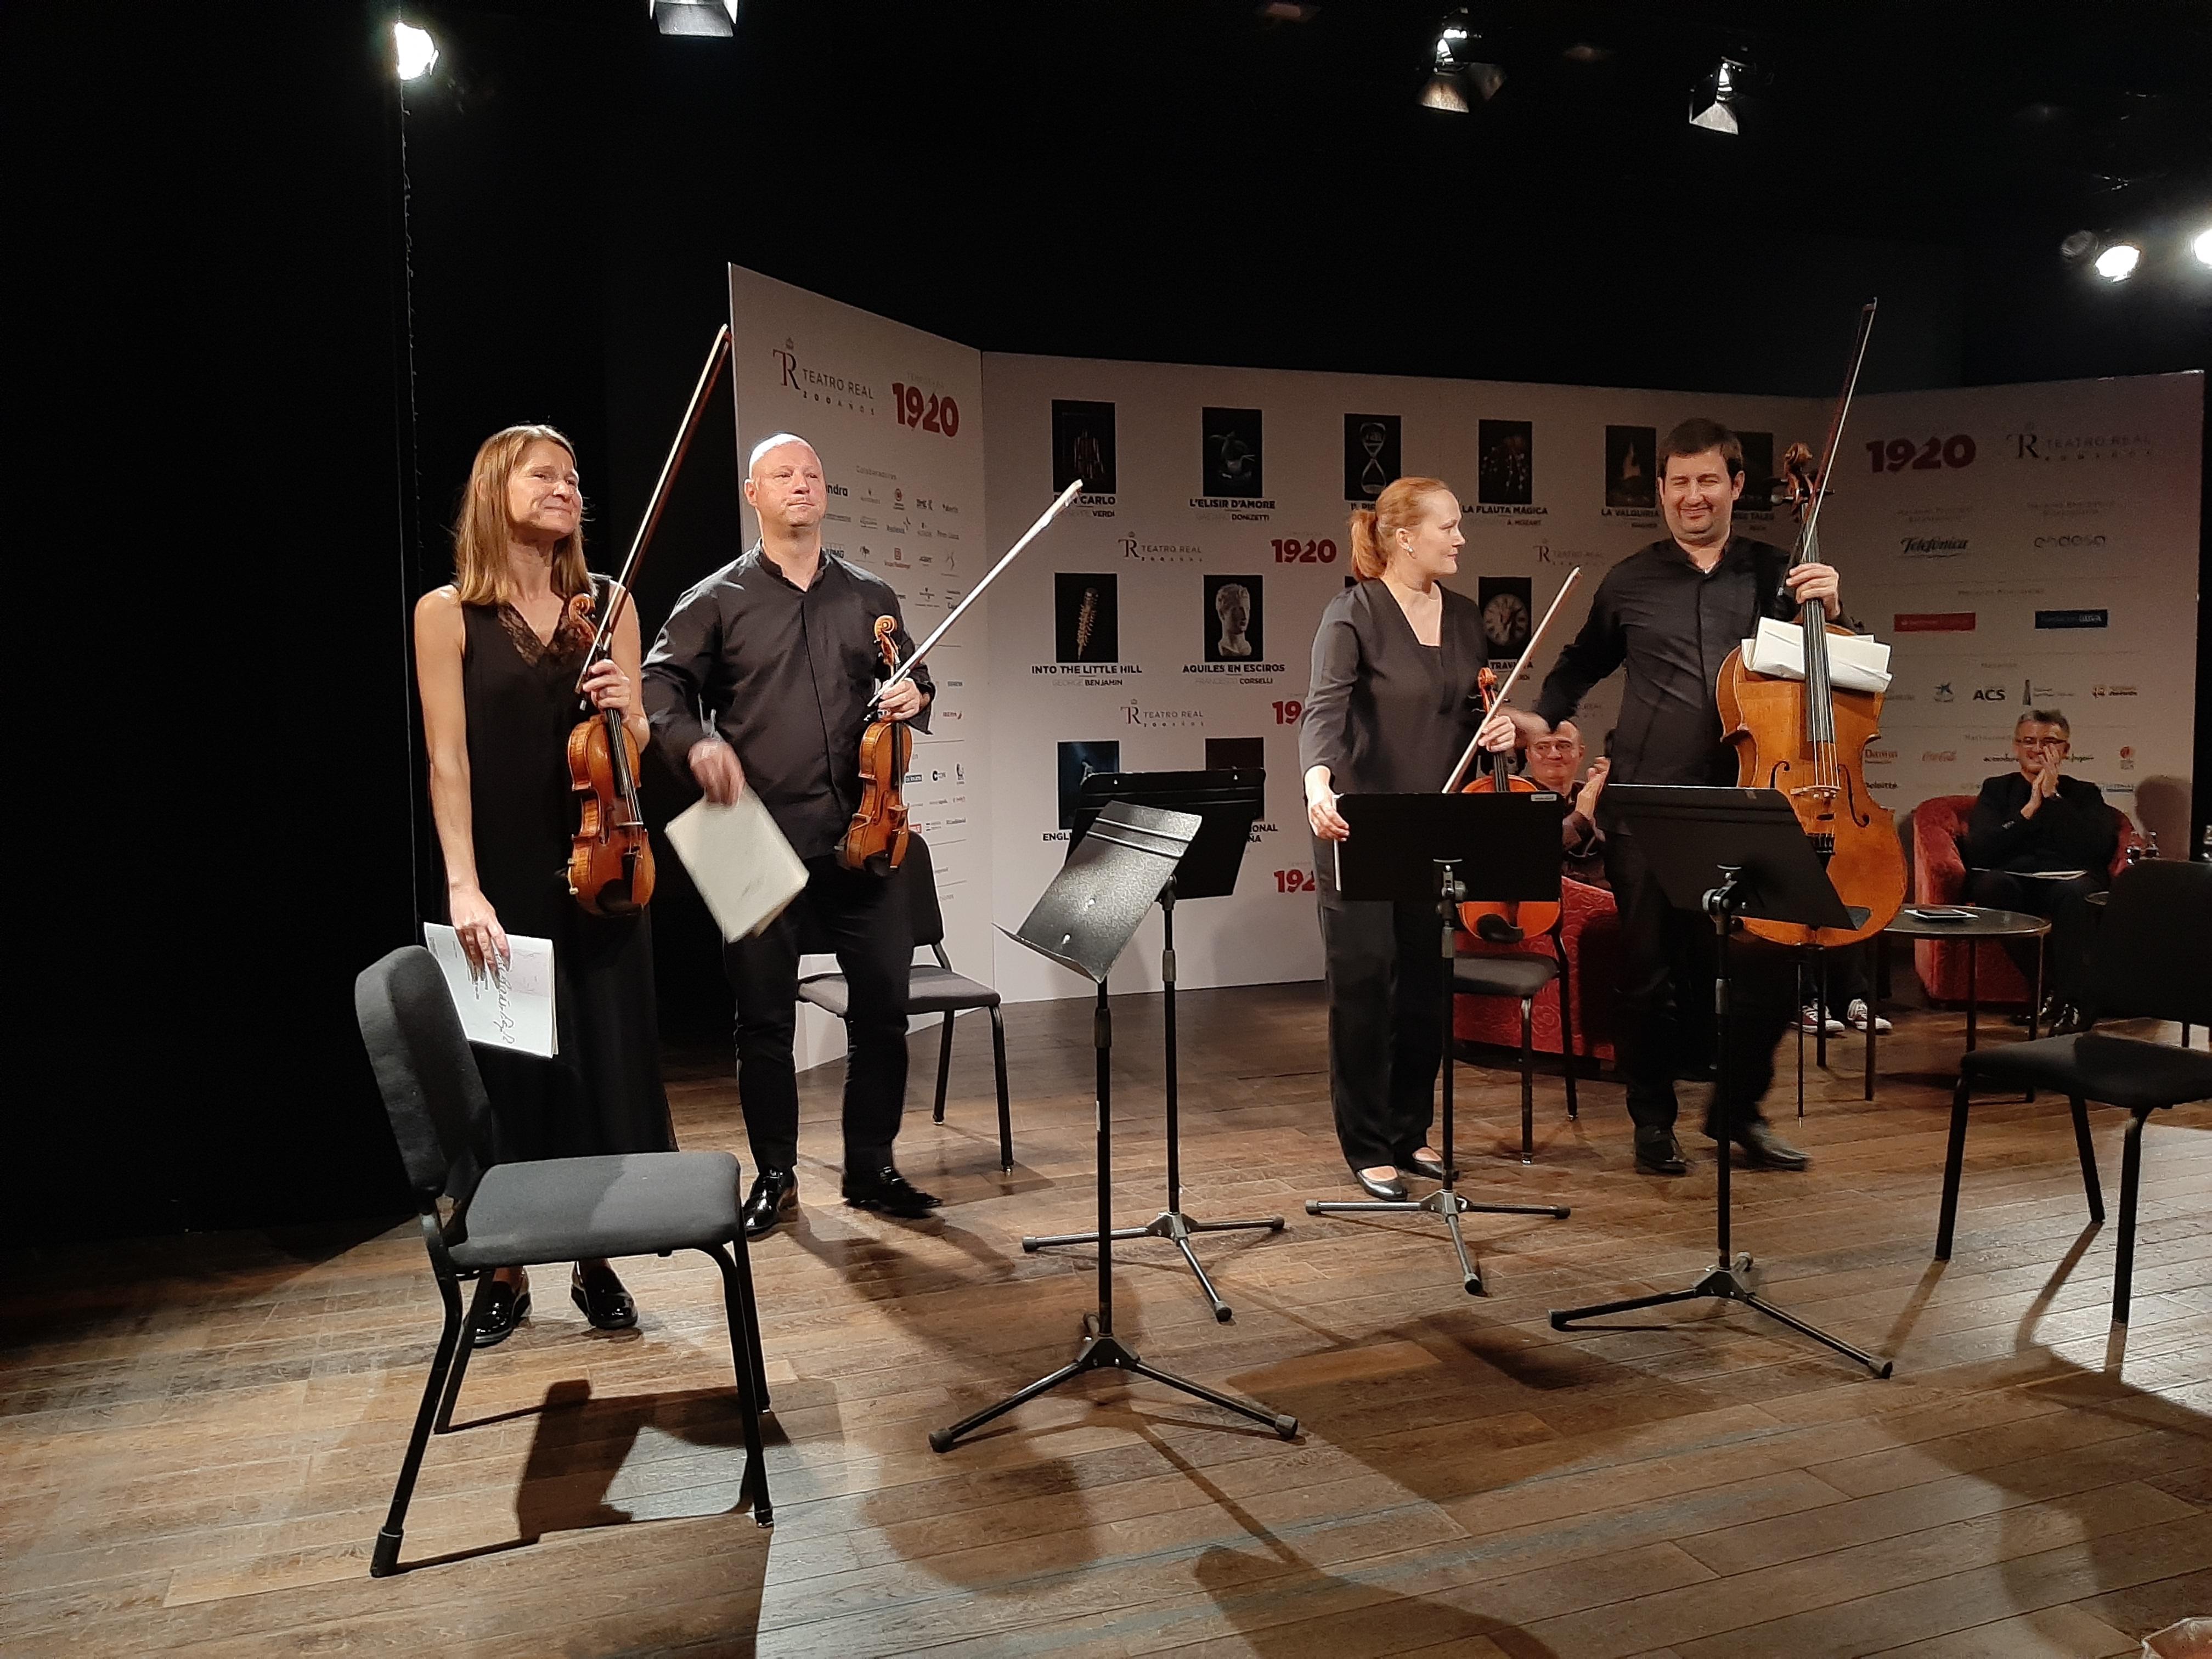 Reseña CD: Pogorelich, Sonatas de Beethoven y Rachmaninoff